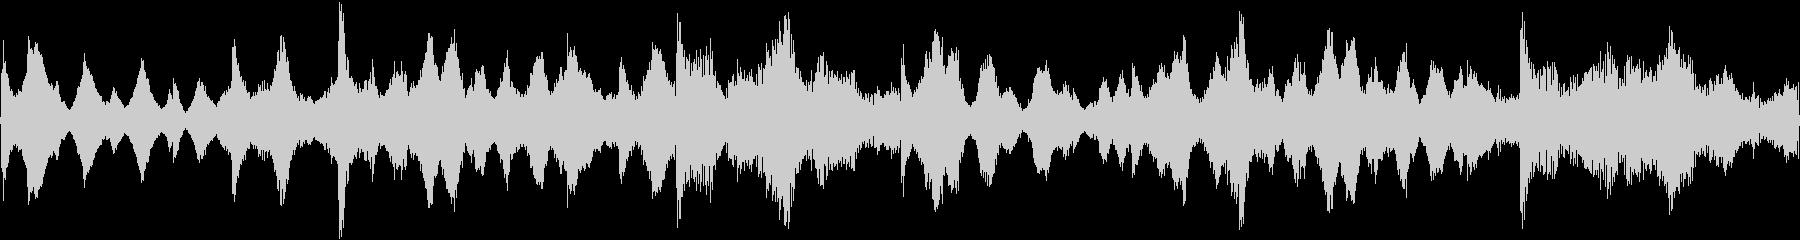 k007 アラーム音(ループ仕様)の未再生の波形